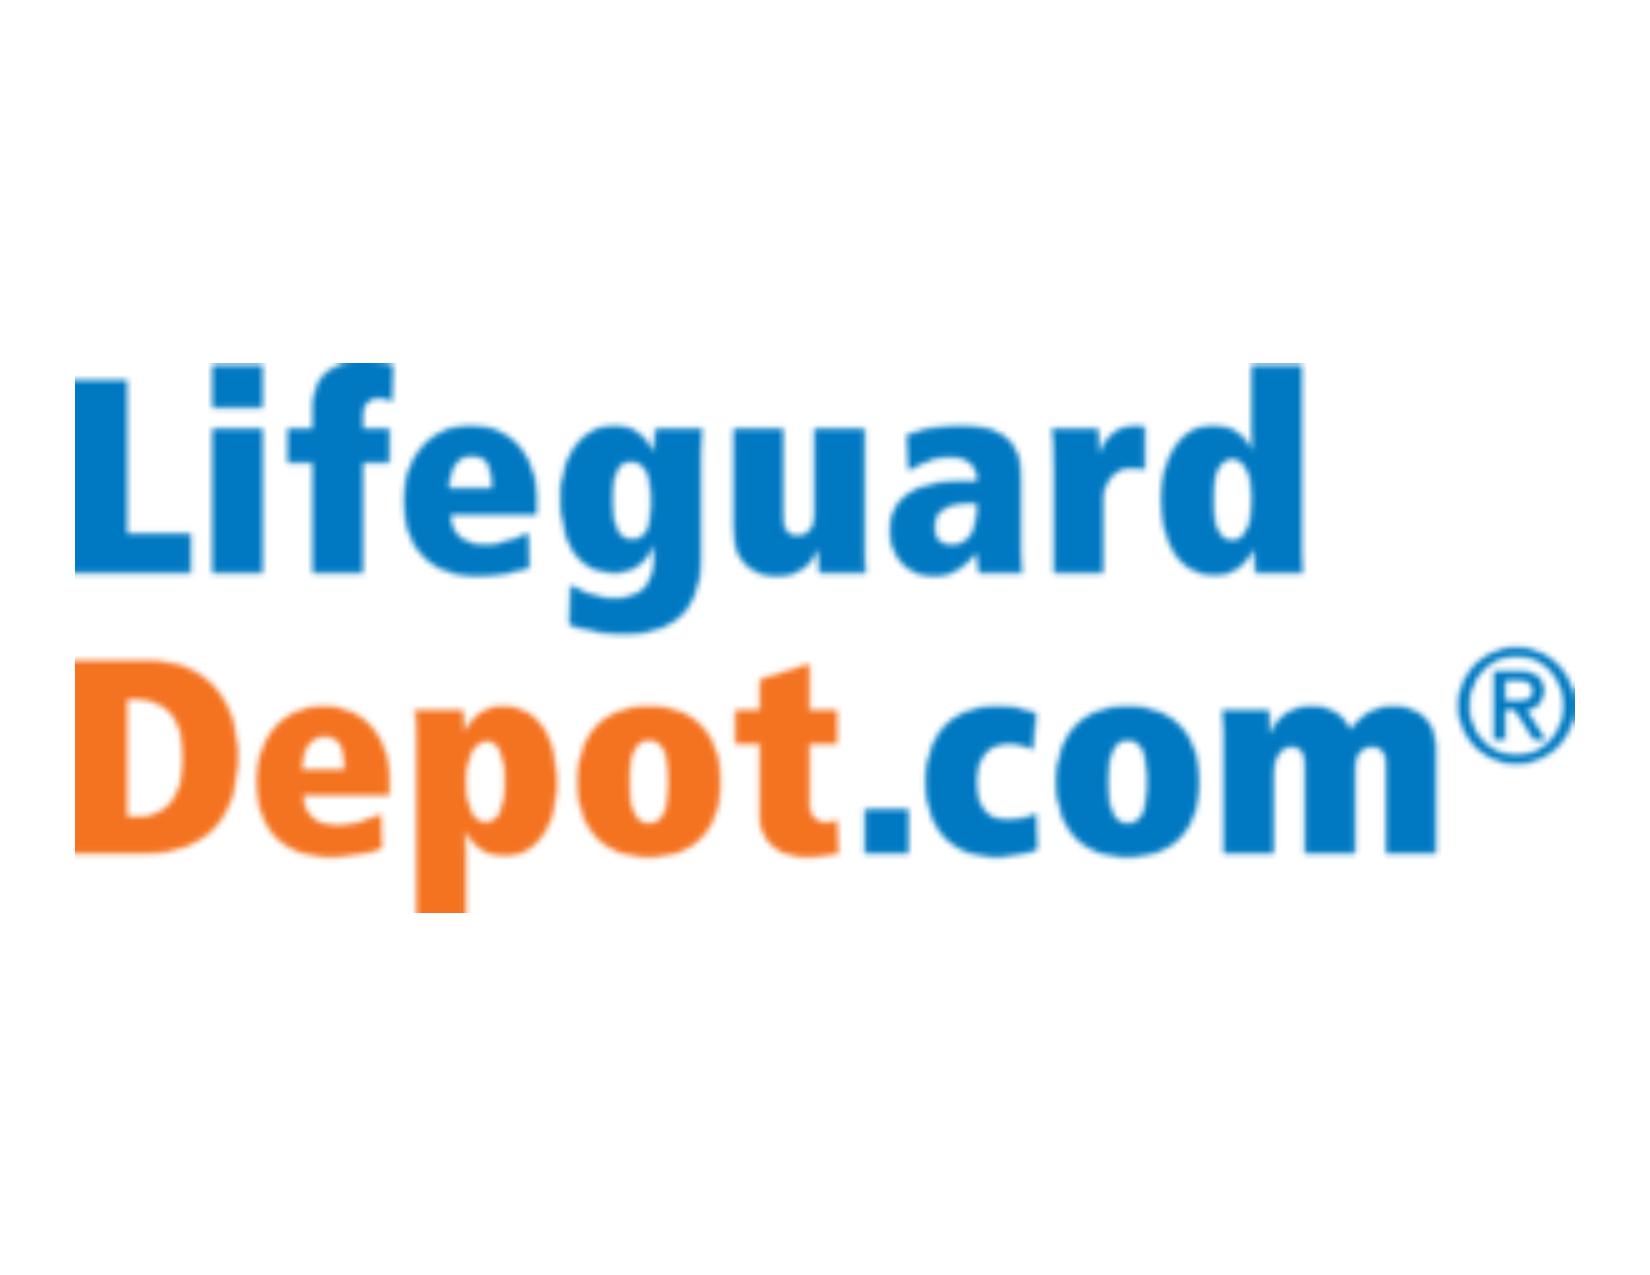 Lifeguard Depot